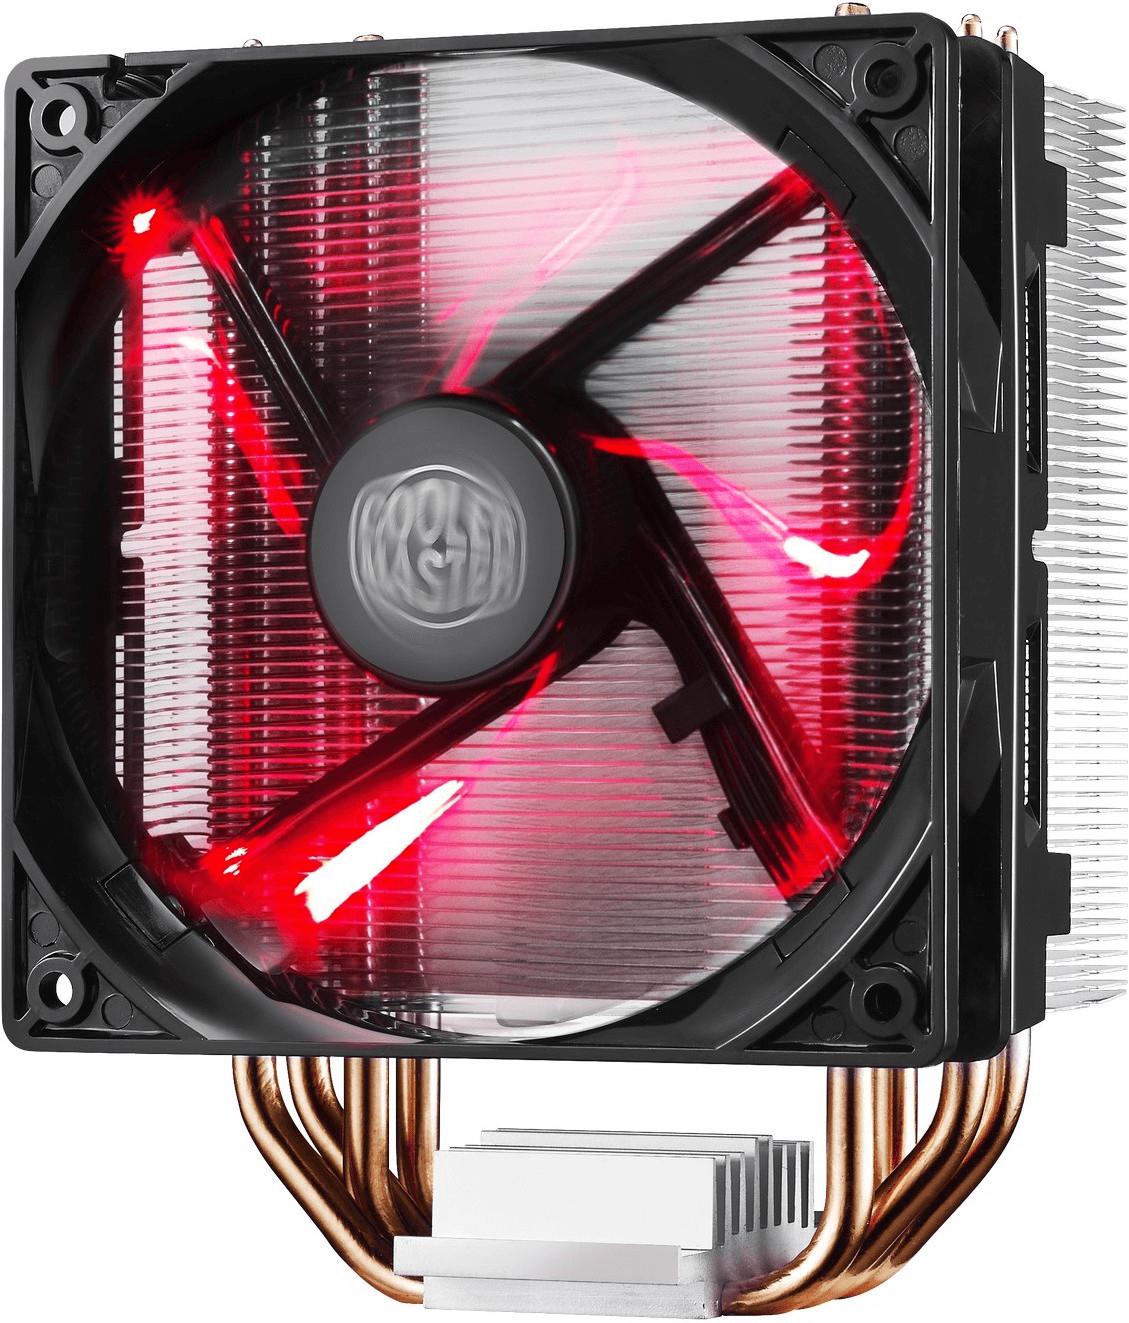 Cooler Master Hyper 212 LED CPU-Kühler (für Intel Sockel 1200 oder 1151, nicht für AM4, 4 Heatpipes, 120mm PWM-Lüfter, bis 150W TDP)